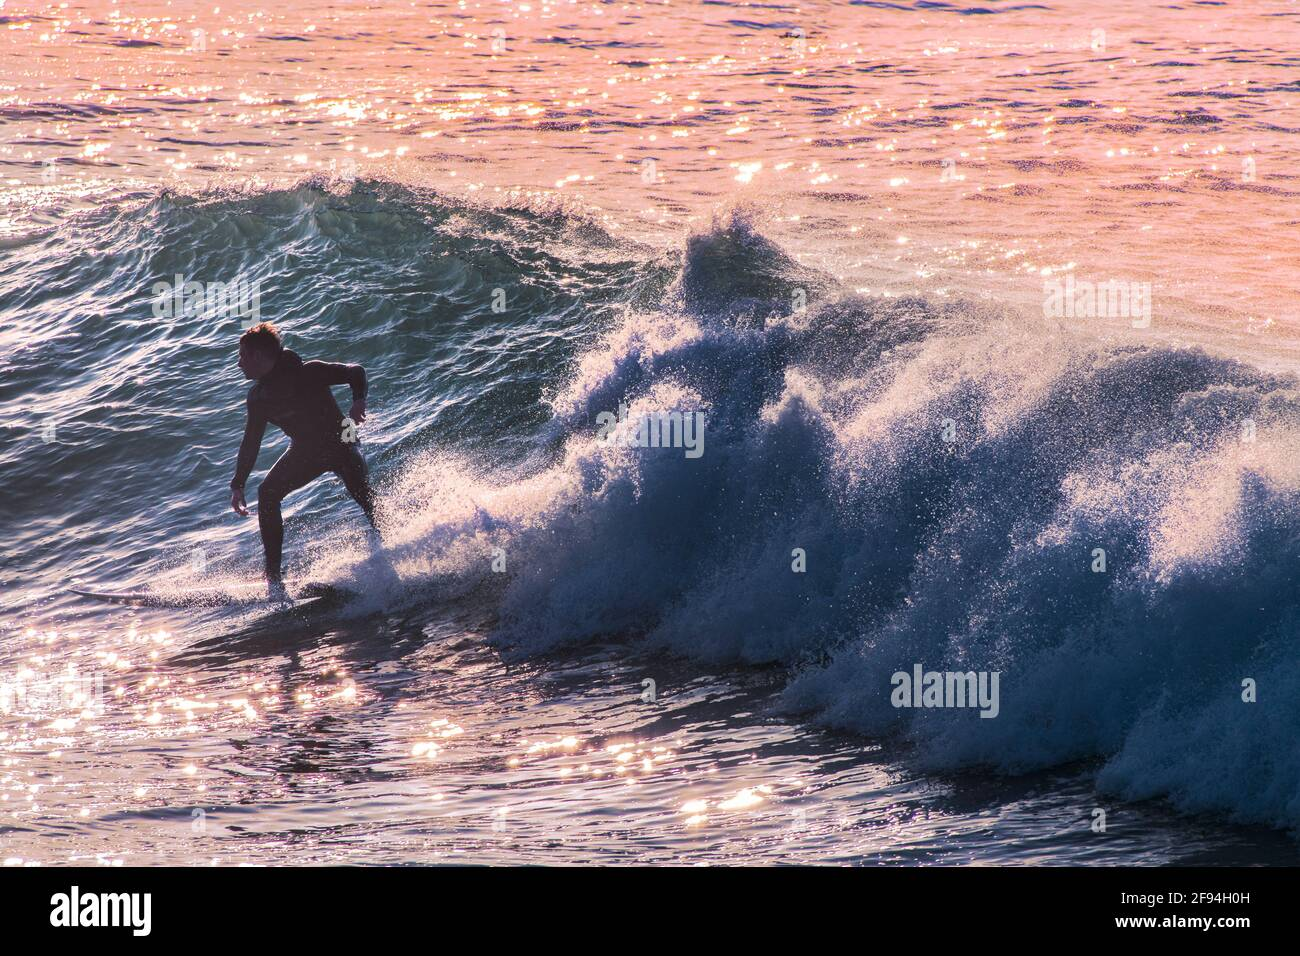 Un surfista cabalgando una ola en Fistral en Newquay en Cornualles. Foto de stock